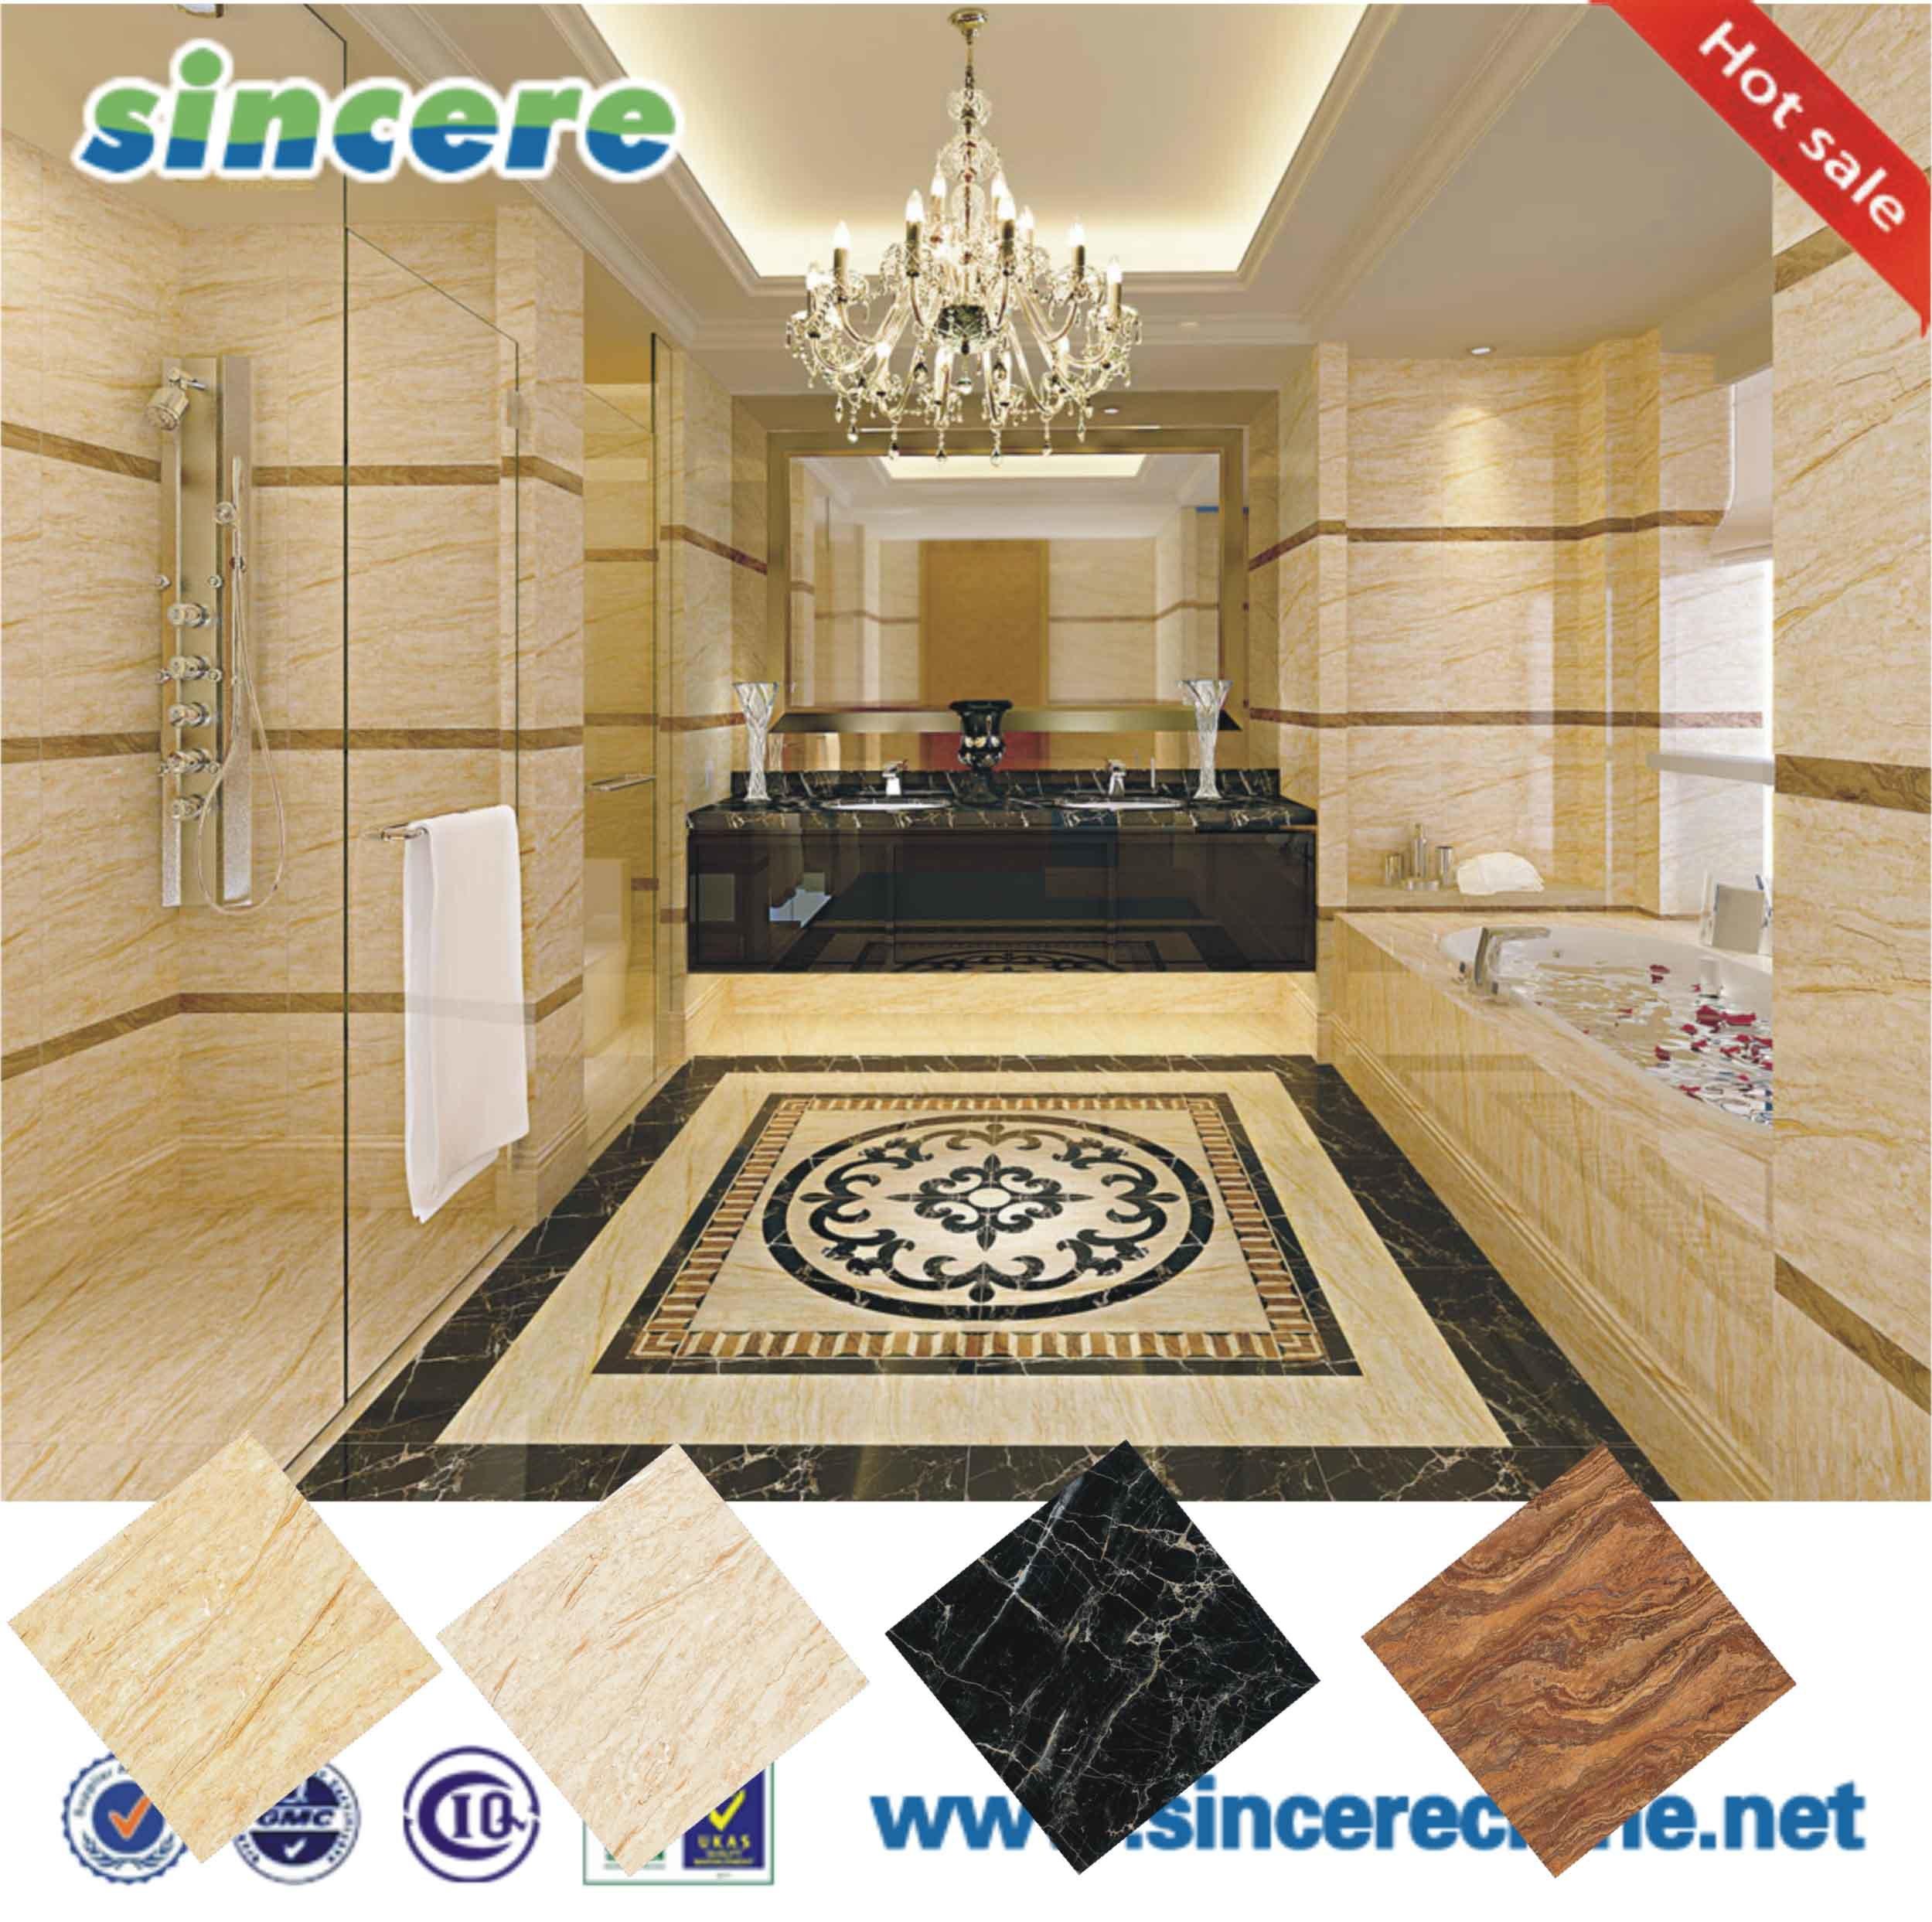 Cer mica de cuarto de ba o impermeable azulejo de la pared for Ceramica para cuartos